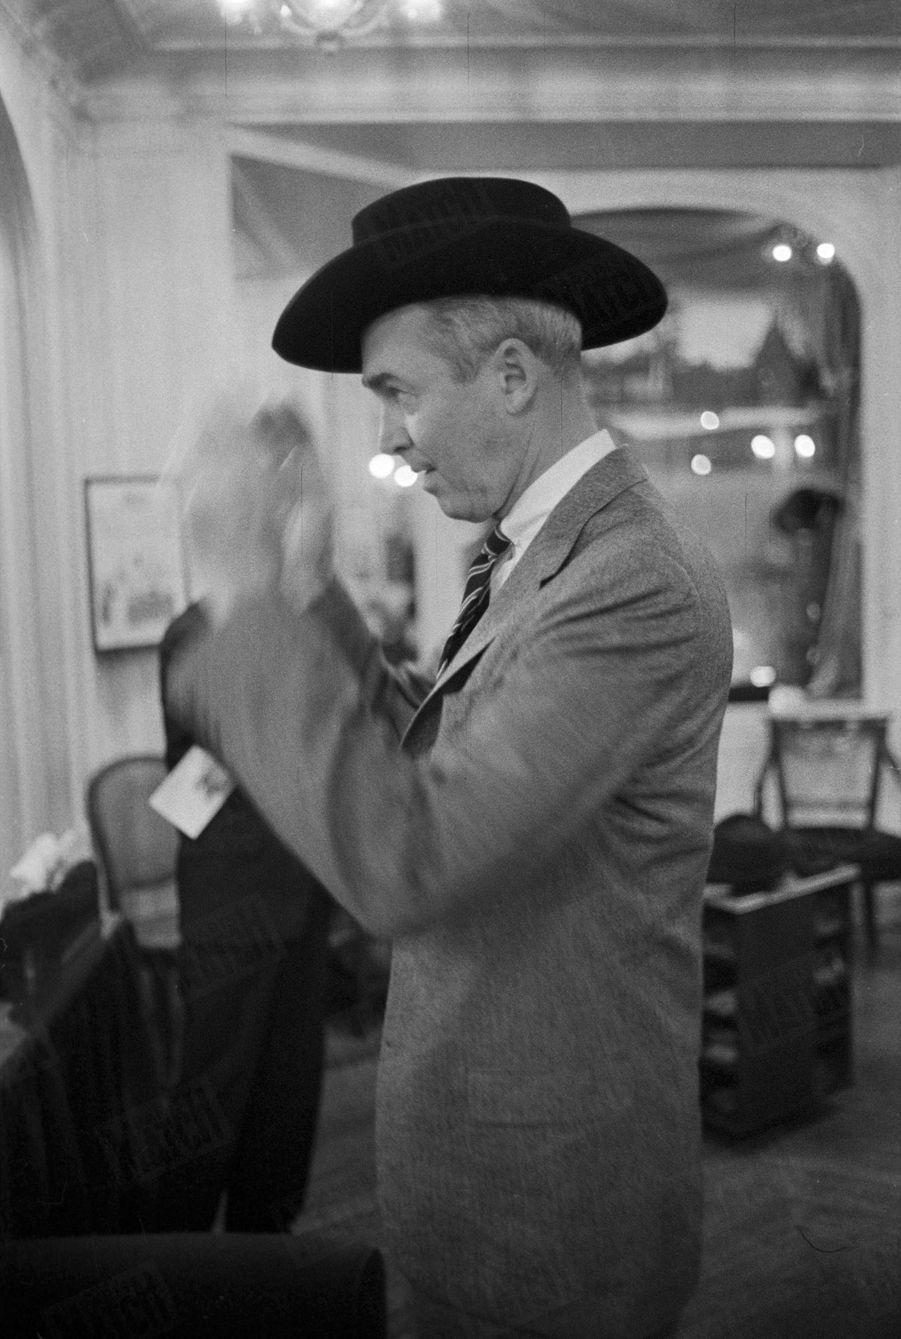 « James Stewart : de Sherlock Holmes à Michel Strogoff, une parade de têtes » - Paris Match n°553, daté du 14 novembre 1959